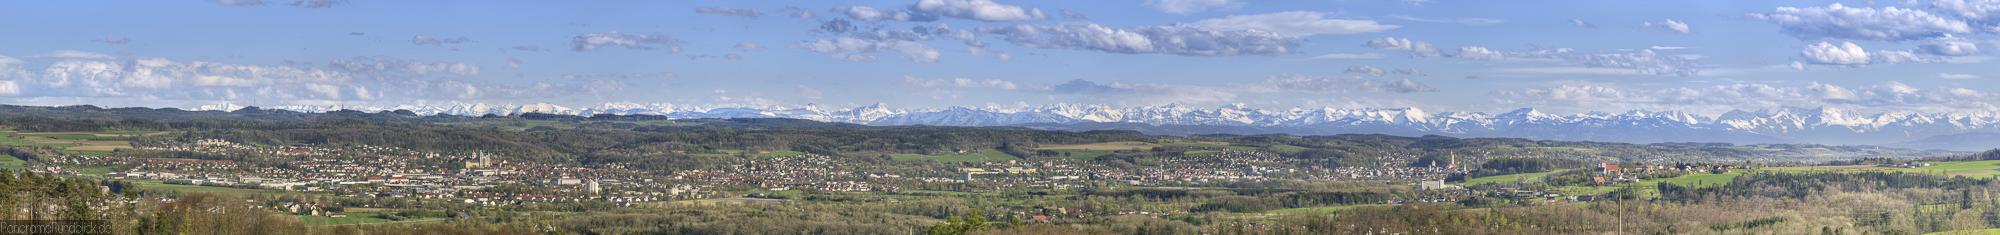 Megapixelpanorama von Baienfurt bis Ravensburg